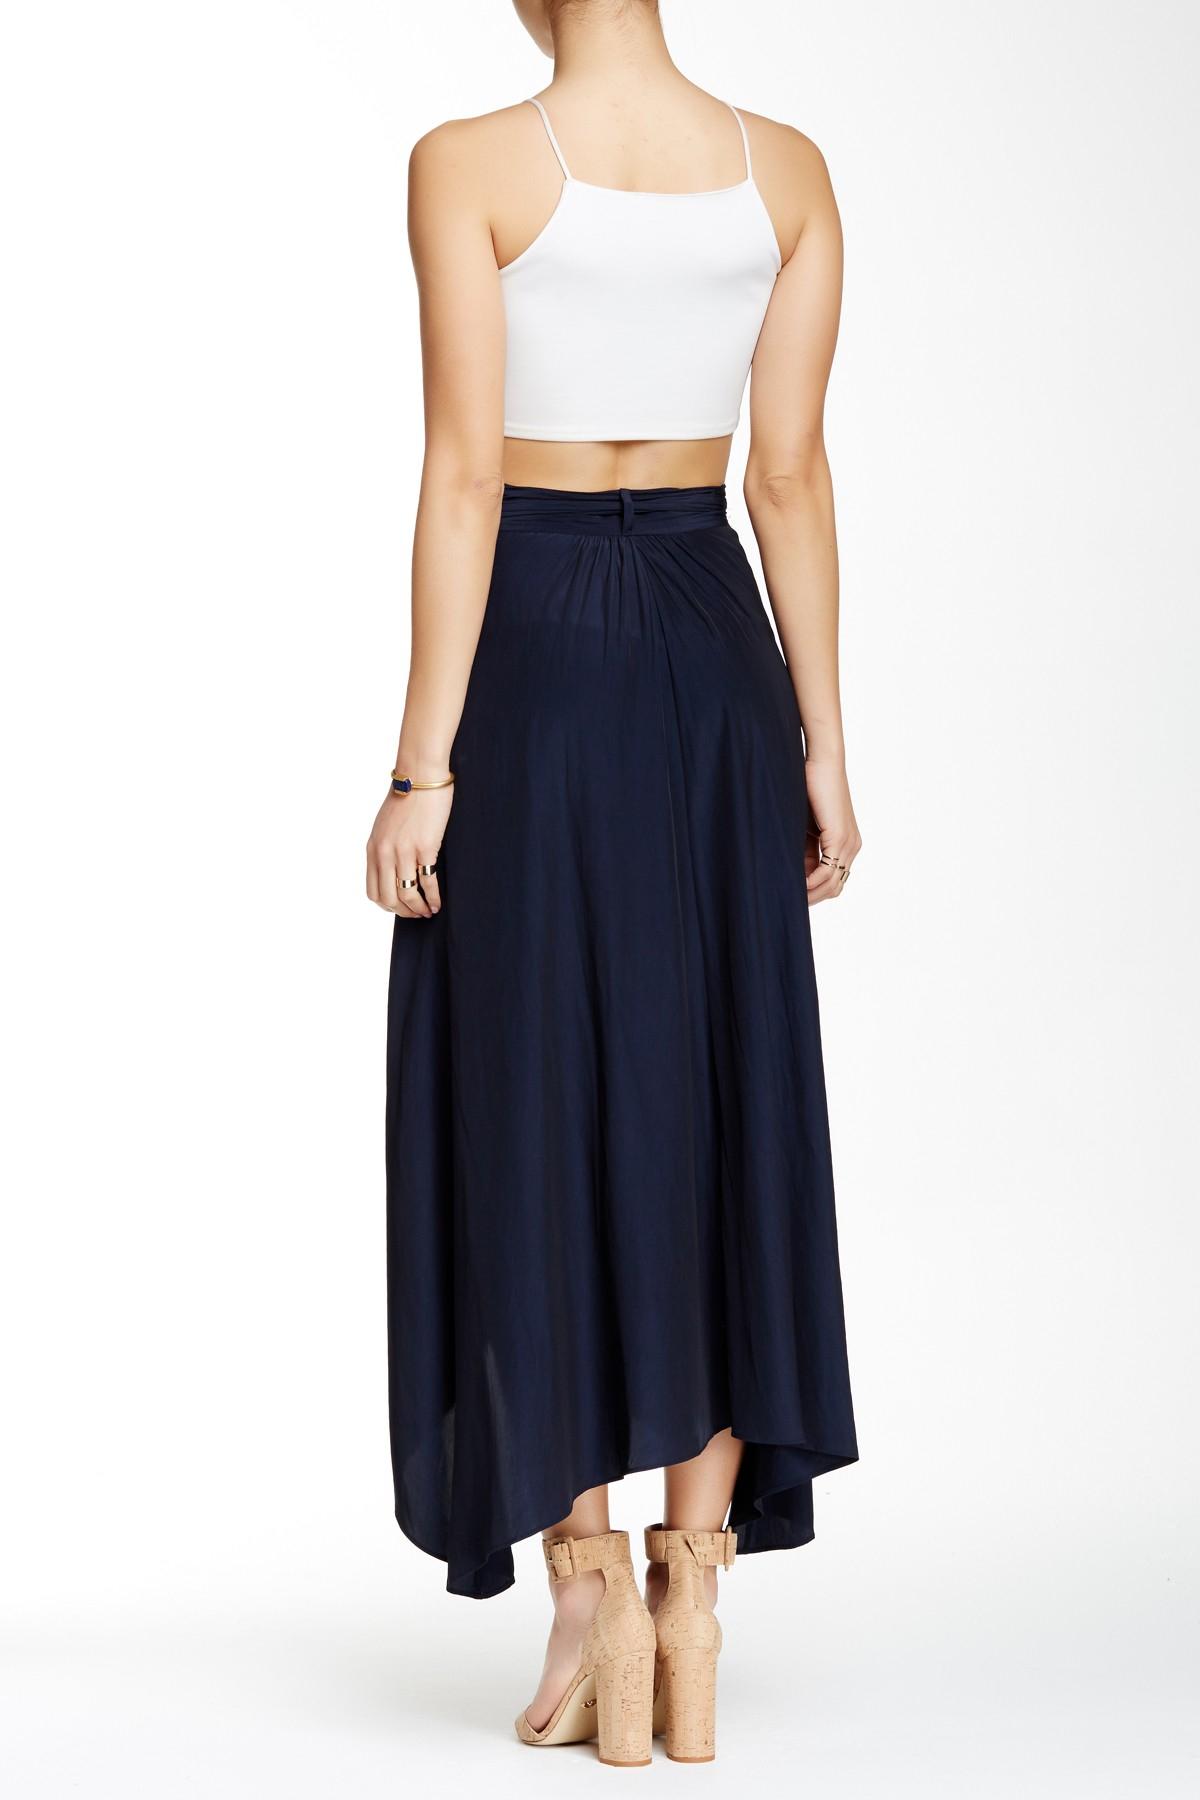 Loft Pocket Maxi Skirt